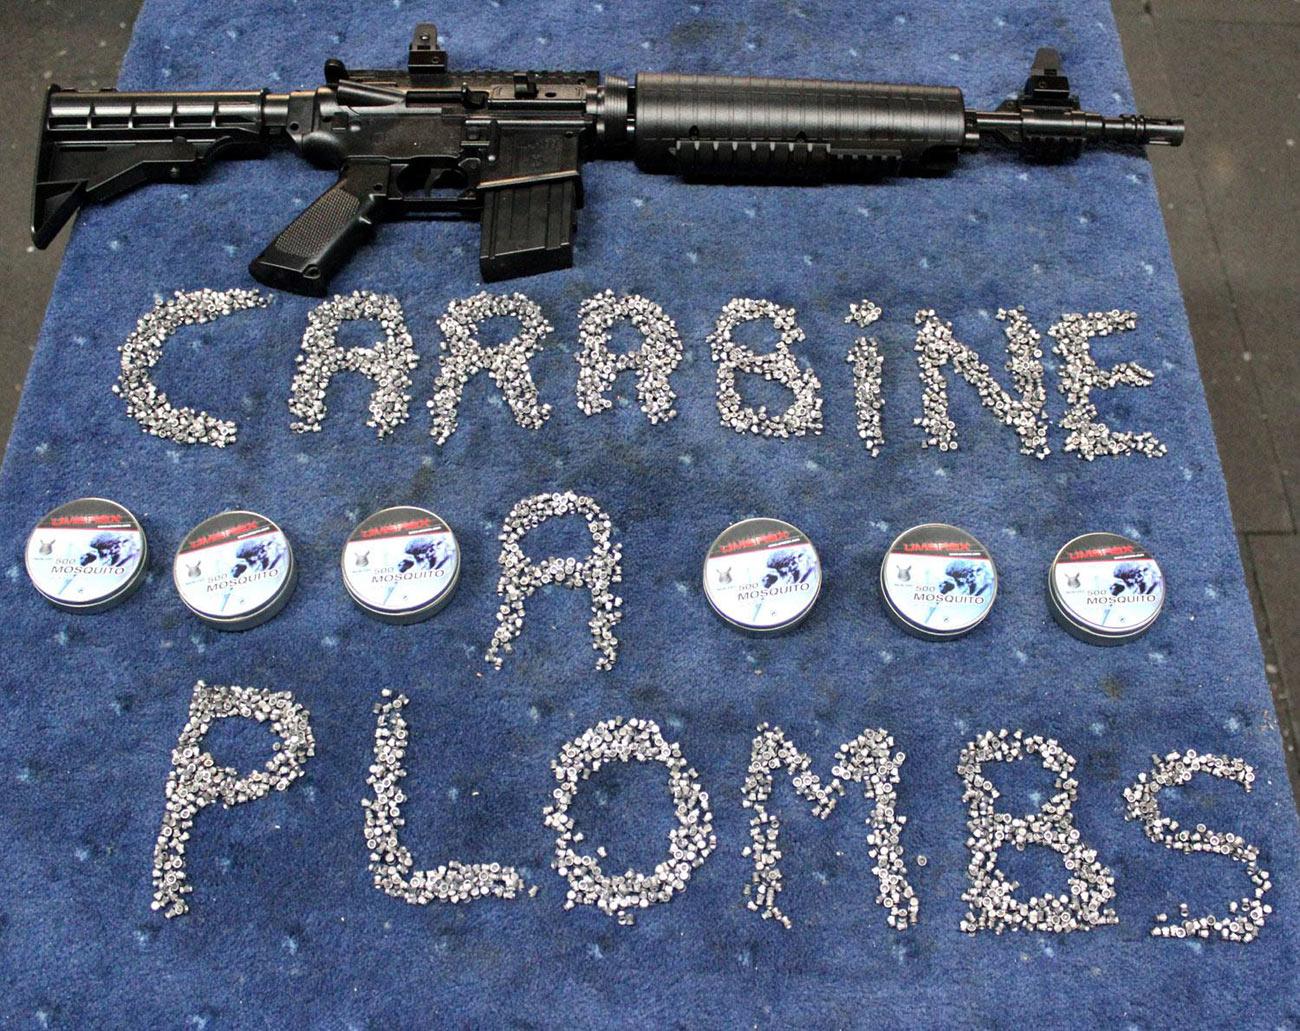 22 LR - Munitions balle carabines - Munitions - L